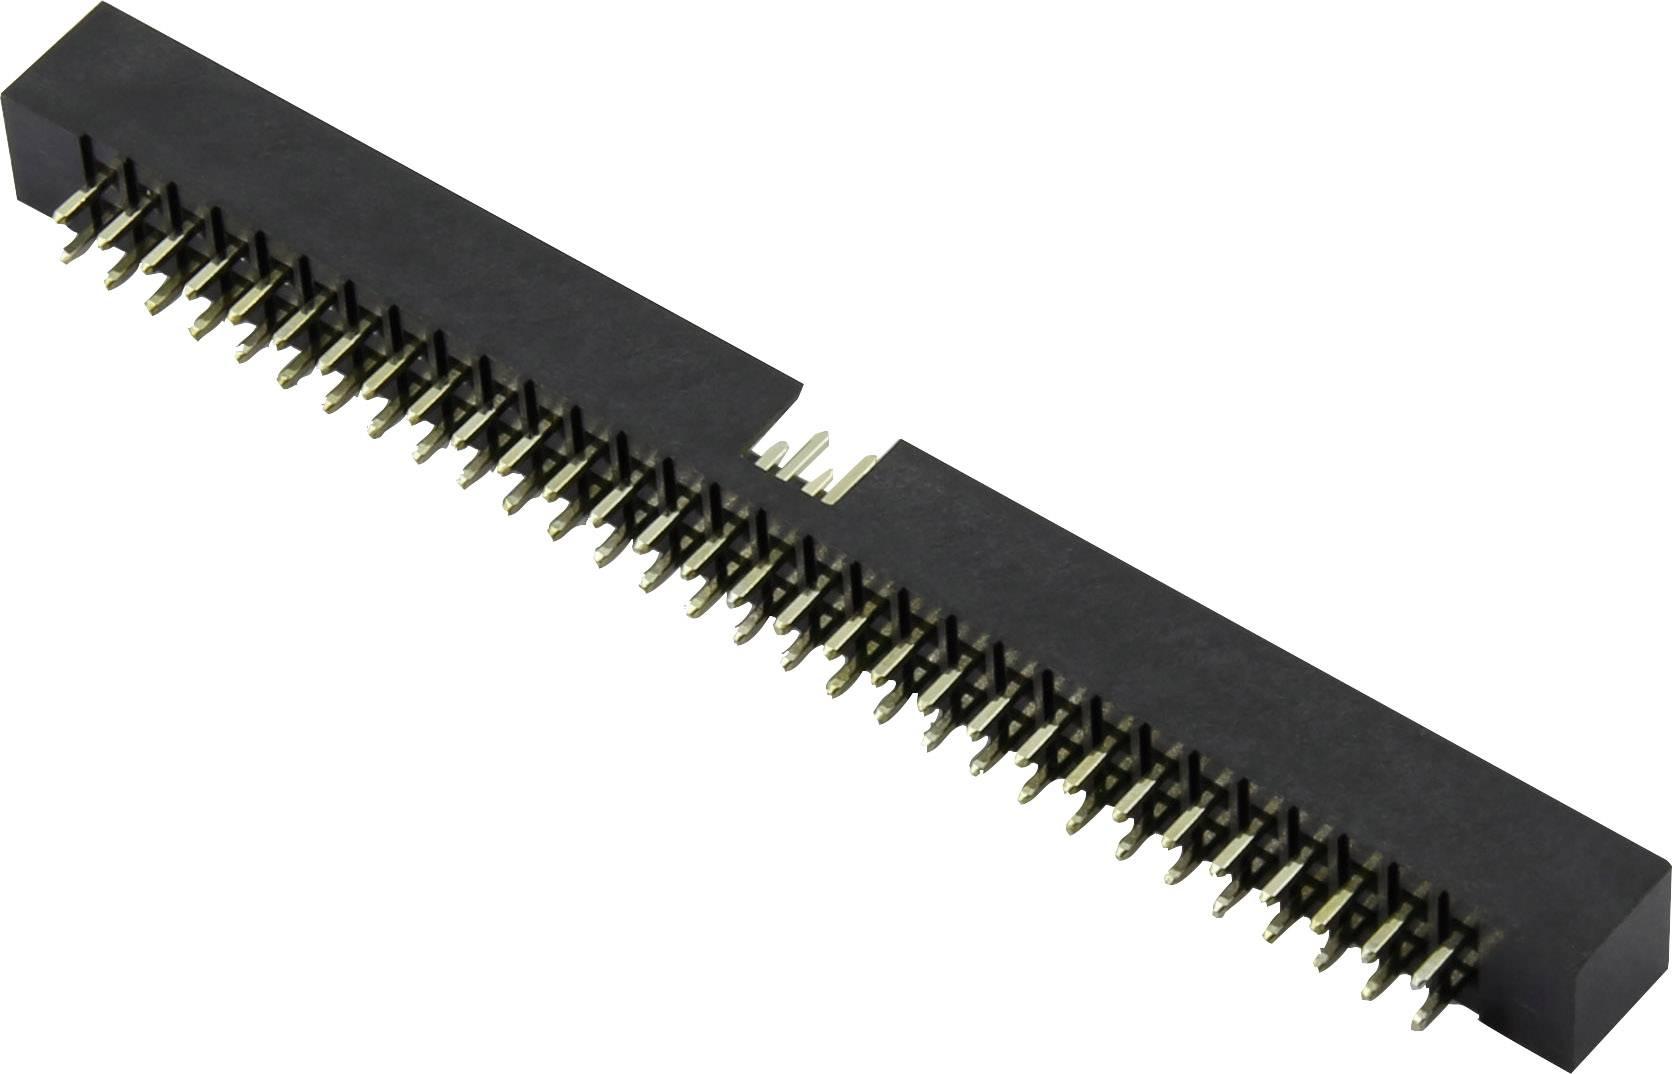 Konektor pro ploché kabely Connfly DS1014-12RF1B, rastr (rozteč): 2 mm, počet pólů: 12, 1 ks